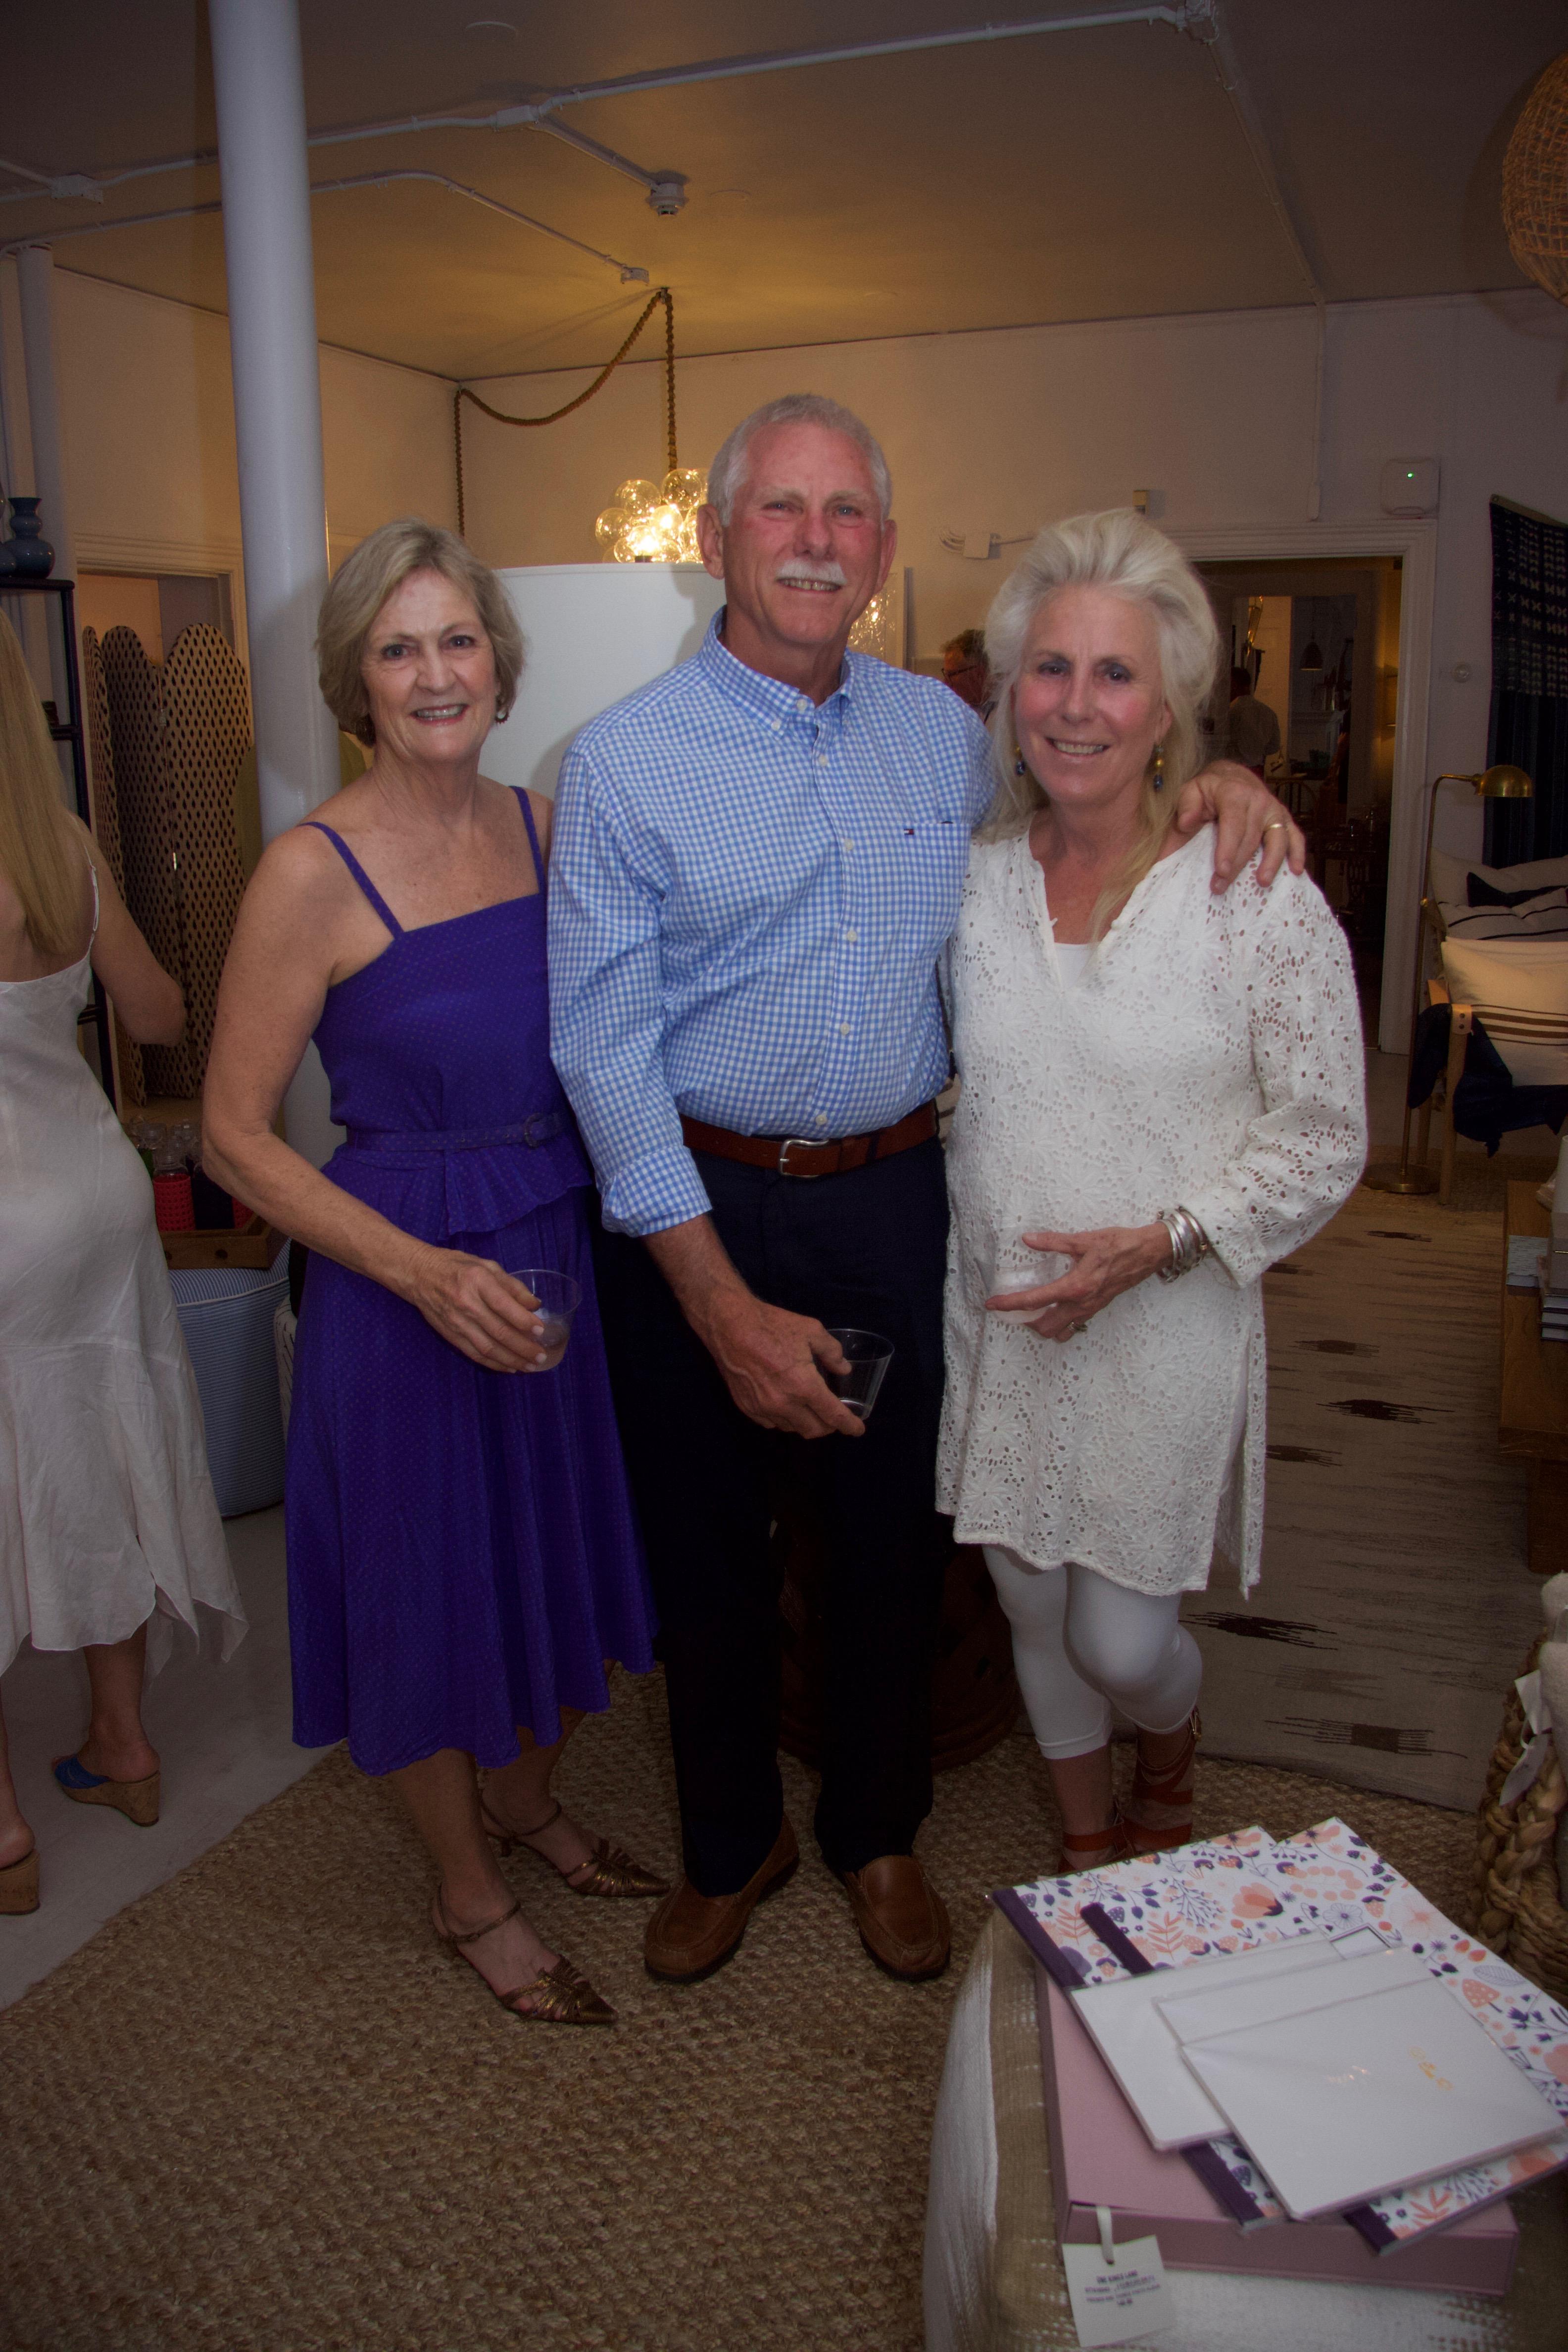 Linda Stabler-Talty, Noel and Deborah Hare